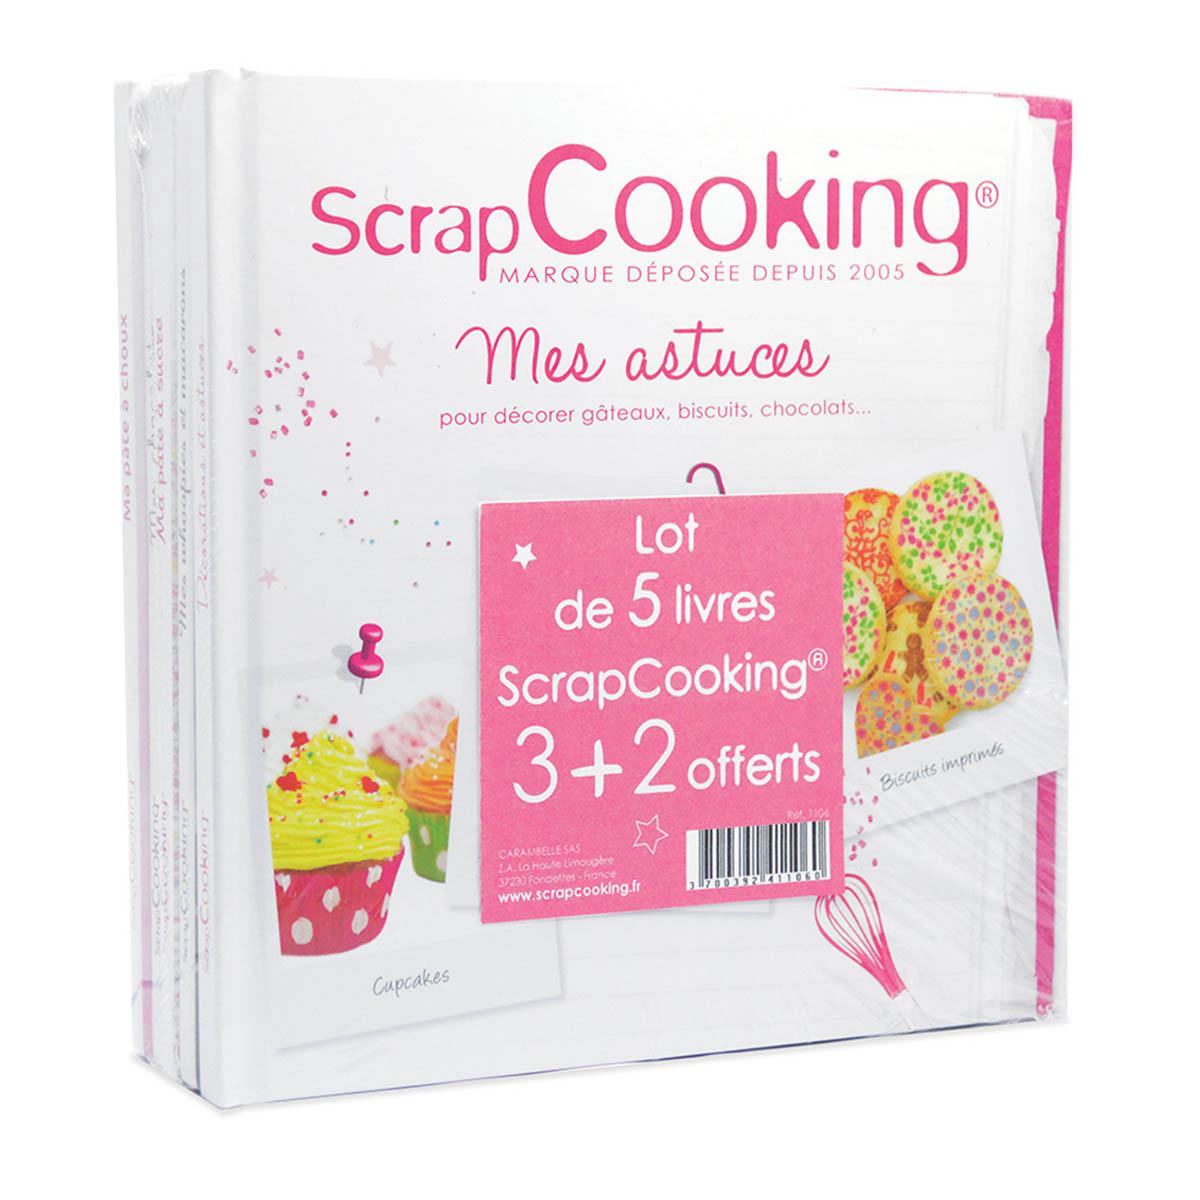 Image du produit Lot de 5 livres  de recettes - Scrapcooking